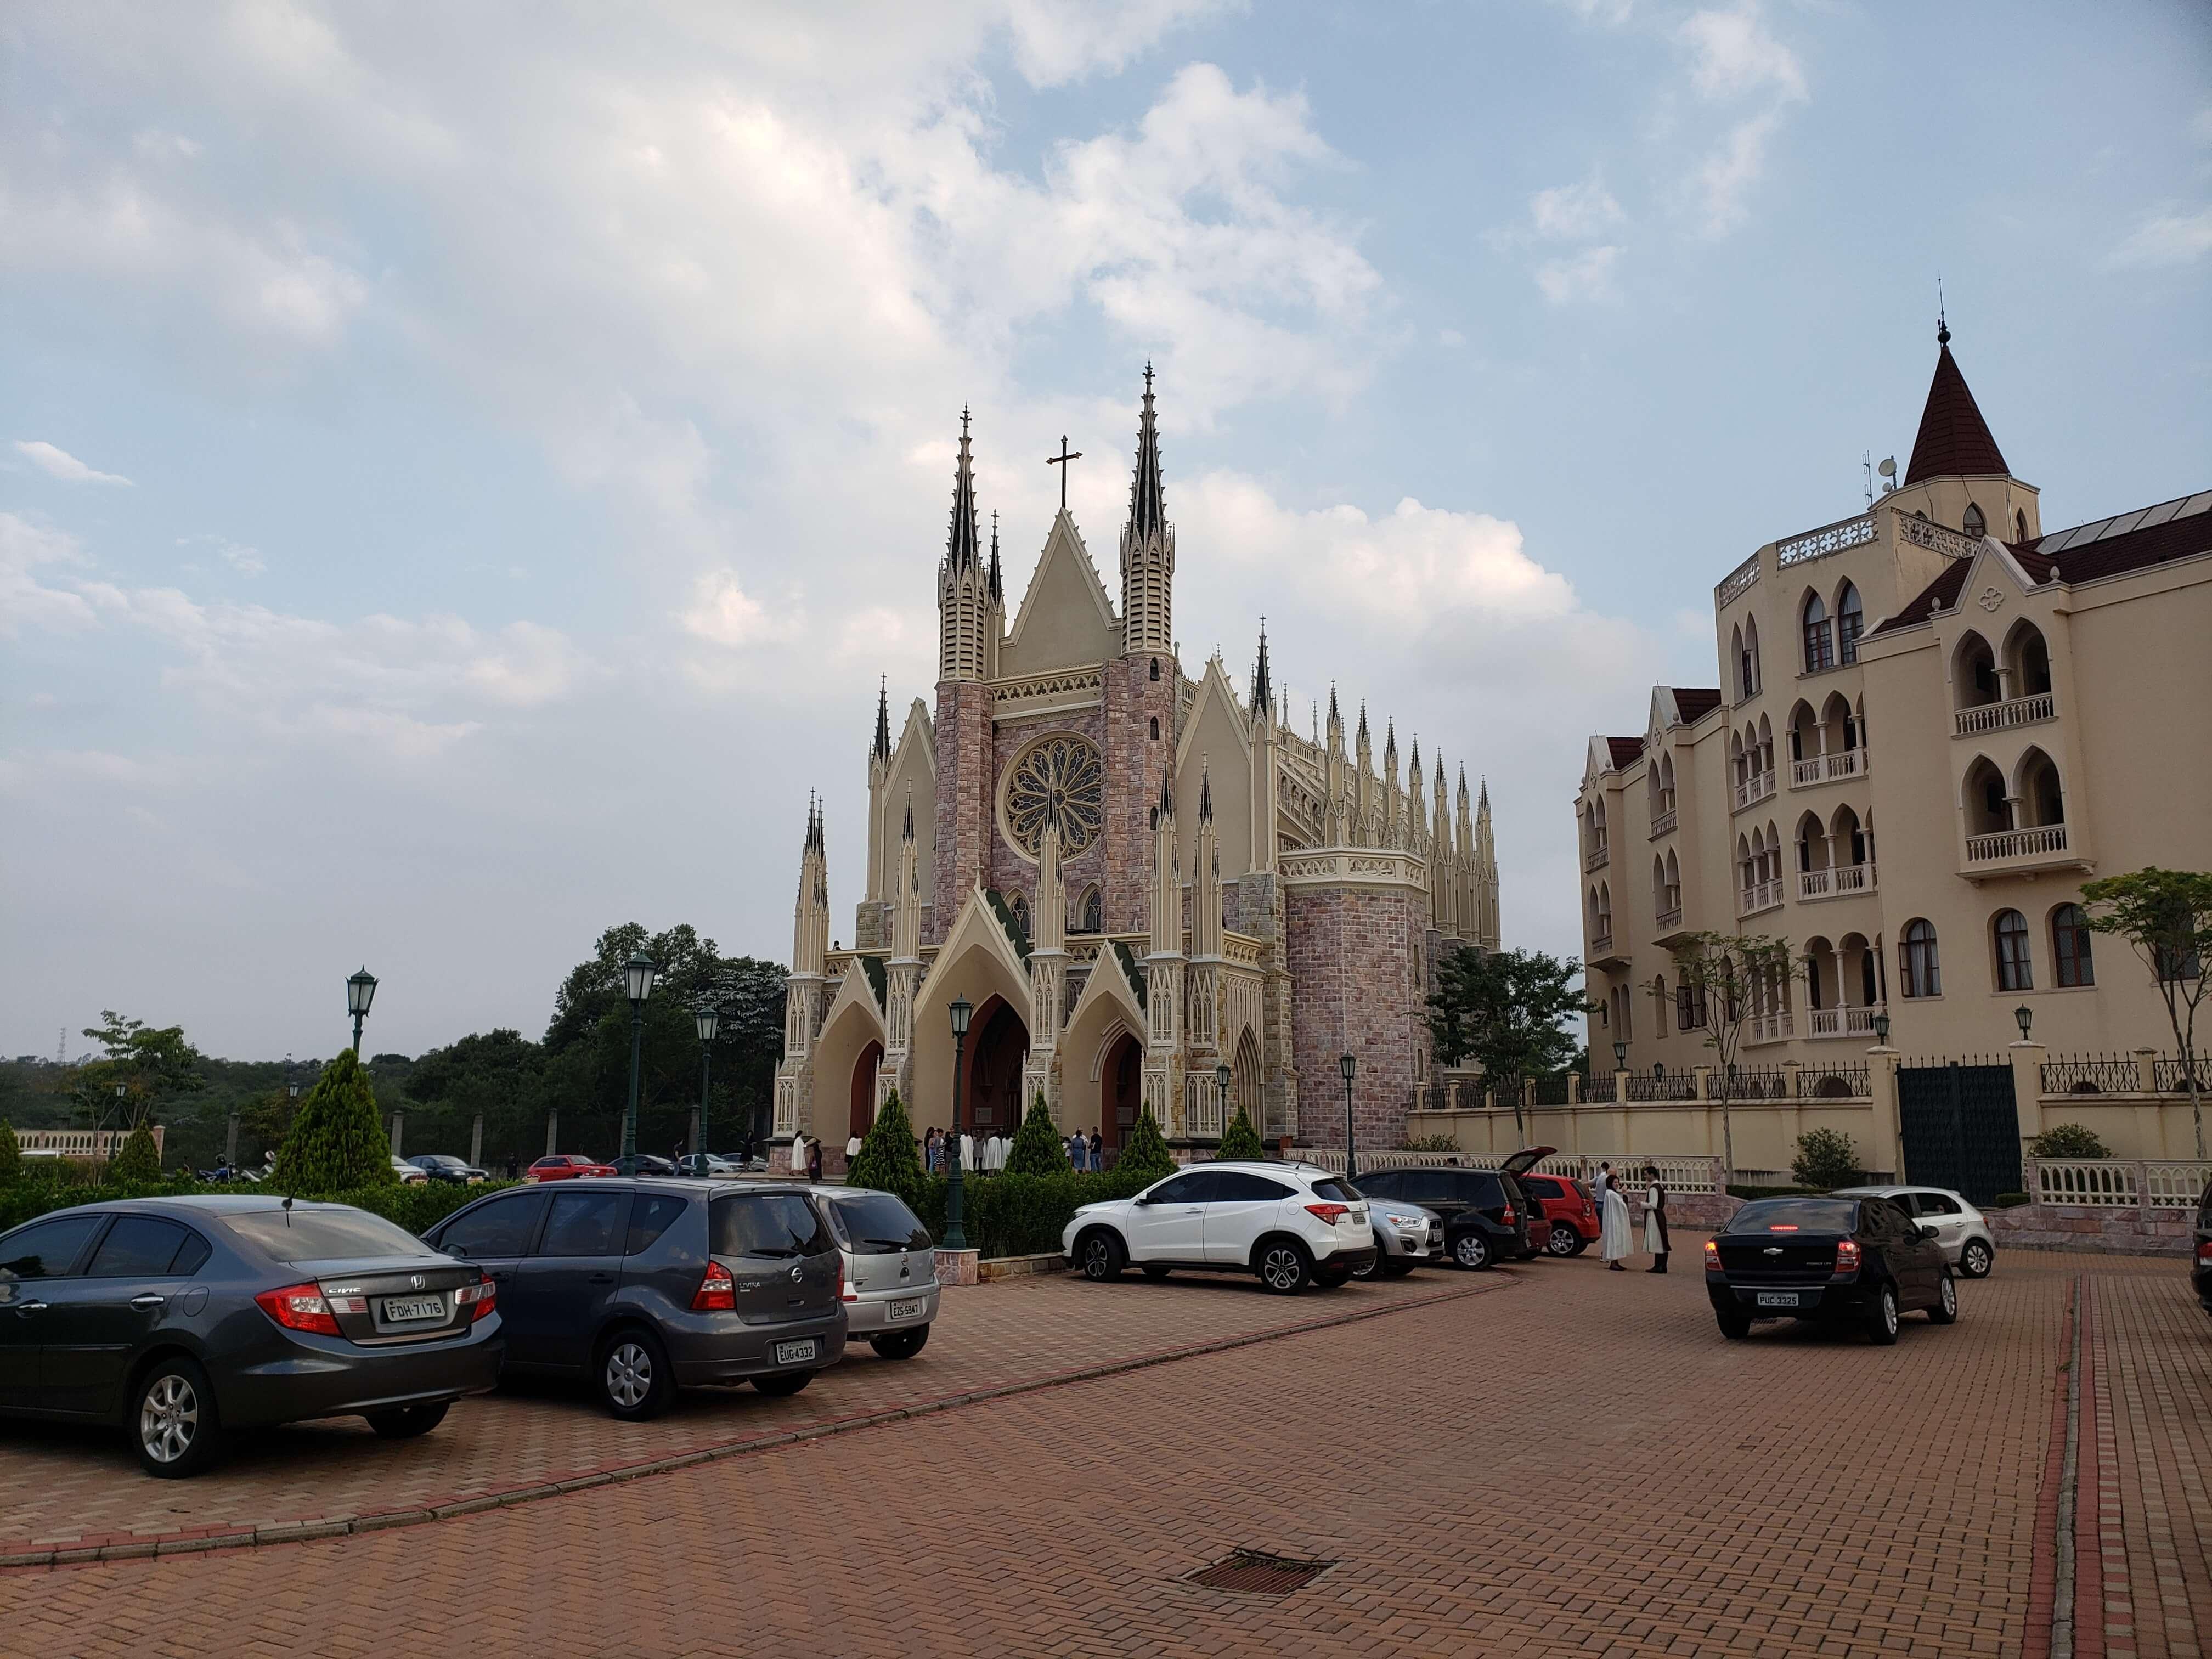 Estacionamento Igreja dos Arautos em Cotia